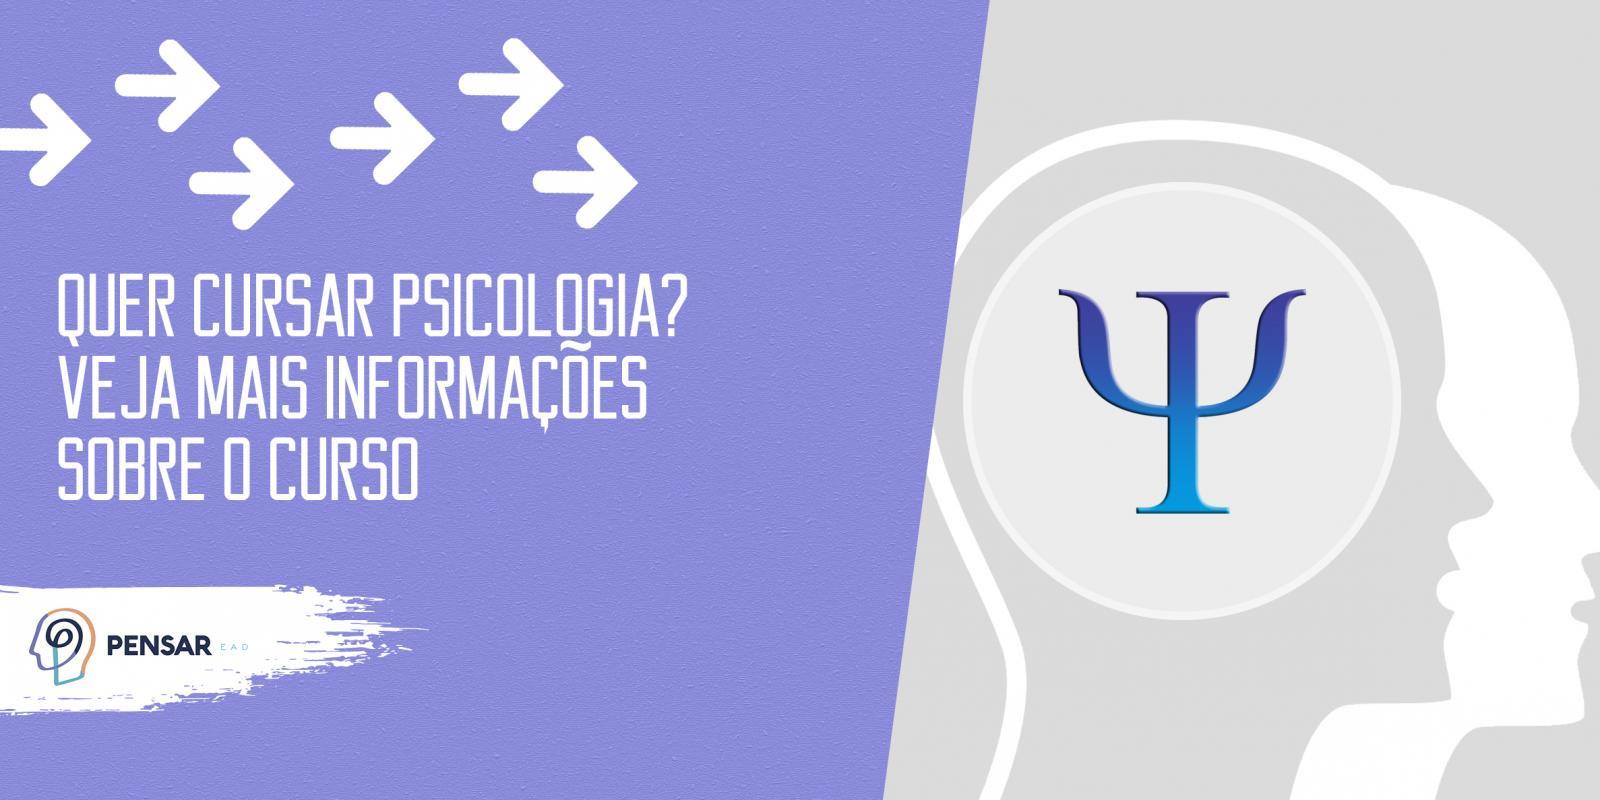 Quer cursar Psicologia? Veja mais informações sobre o curso